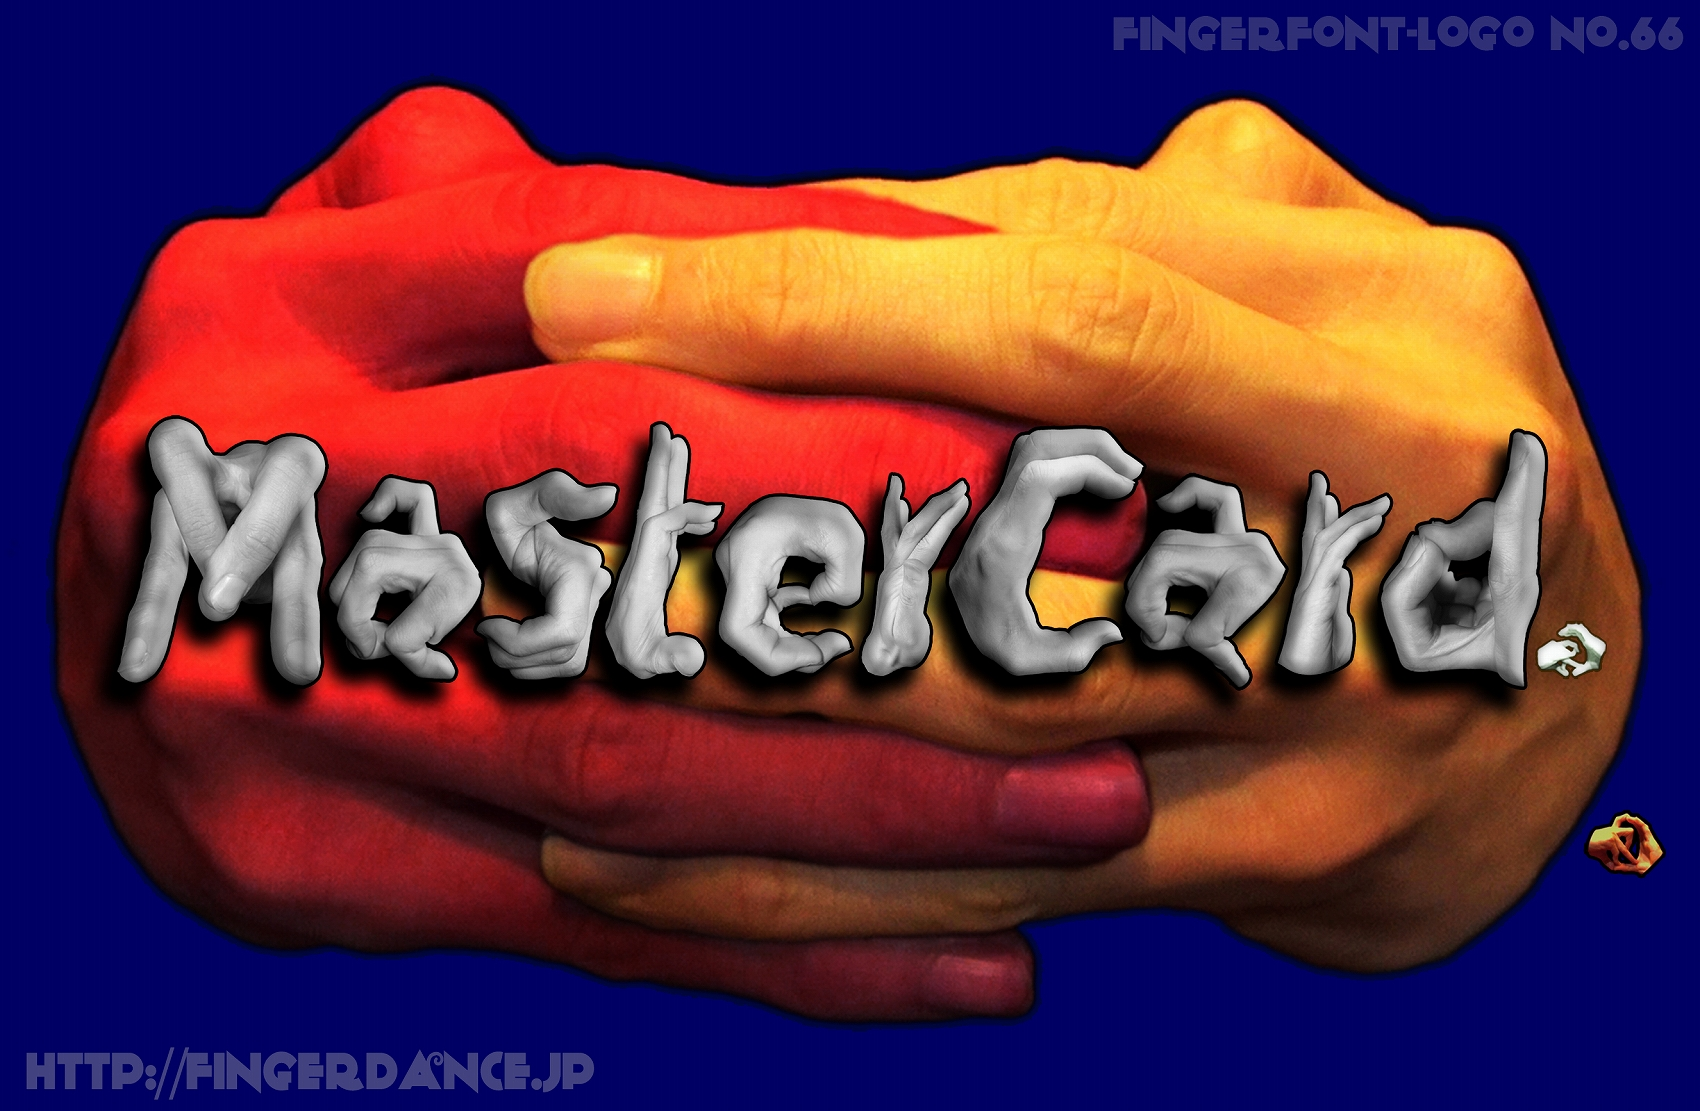 MasterCard-fingerlogohand マスターカードフィンガーロゴハンド手指